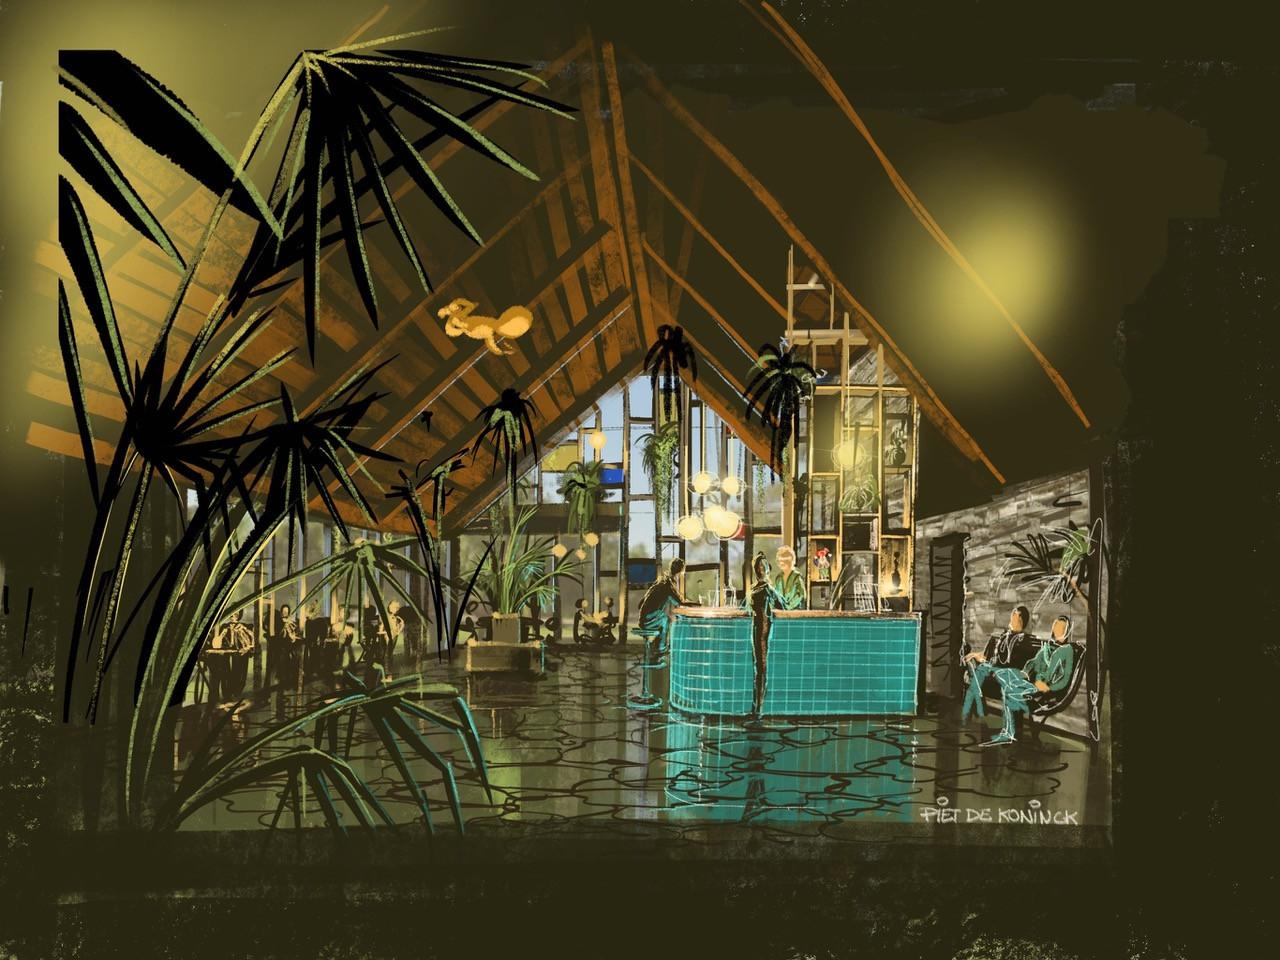 houten_gebouw_rustieke_constructie_23a539dec933515a83e824e804a77db8 (2).jpeg